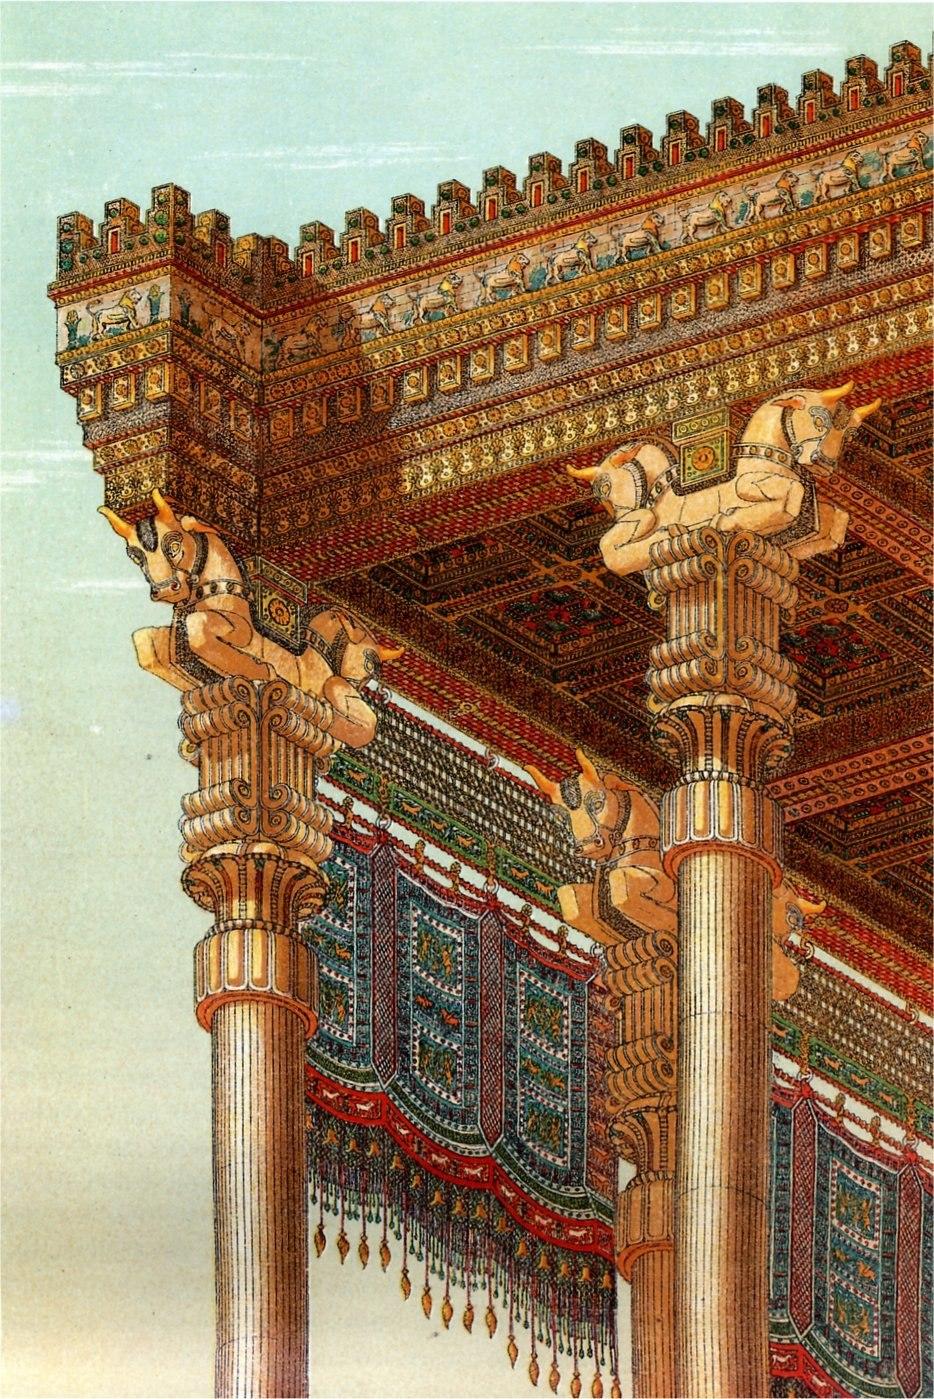 Persepolis Reconstruction Apadana Toit Chipiez.JPEG